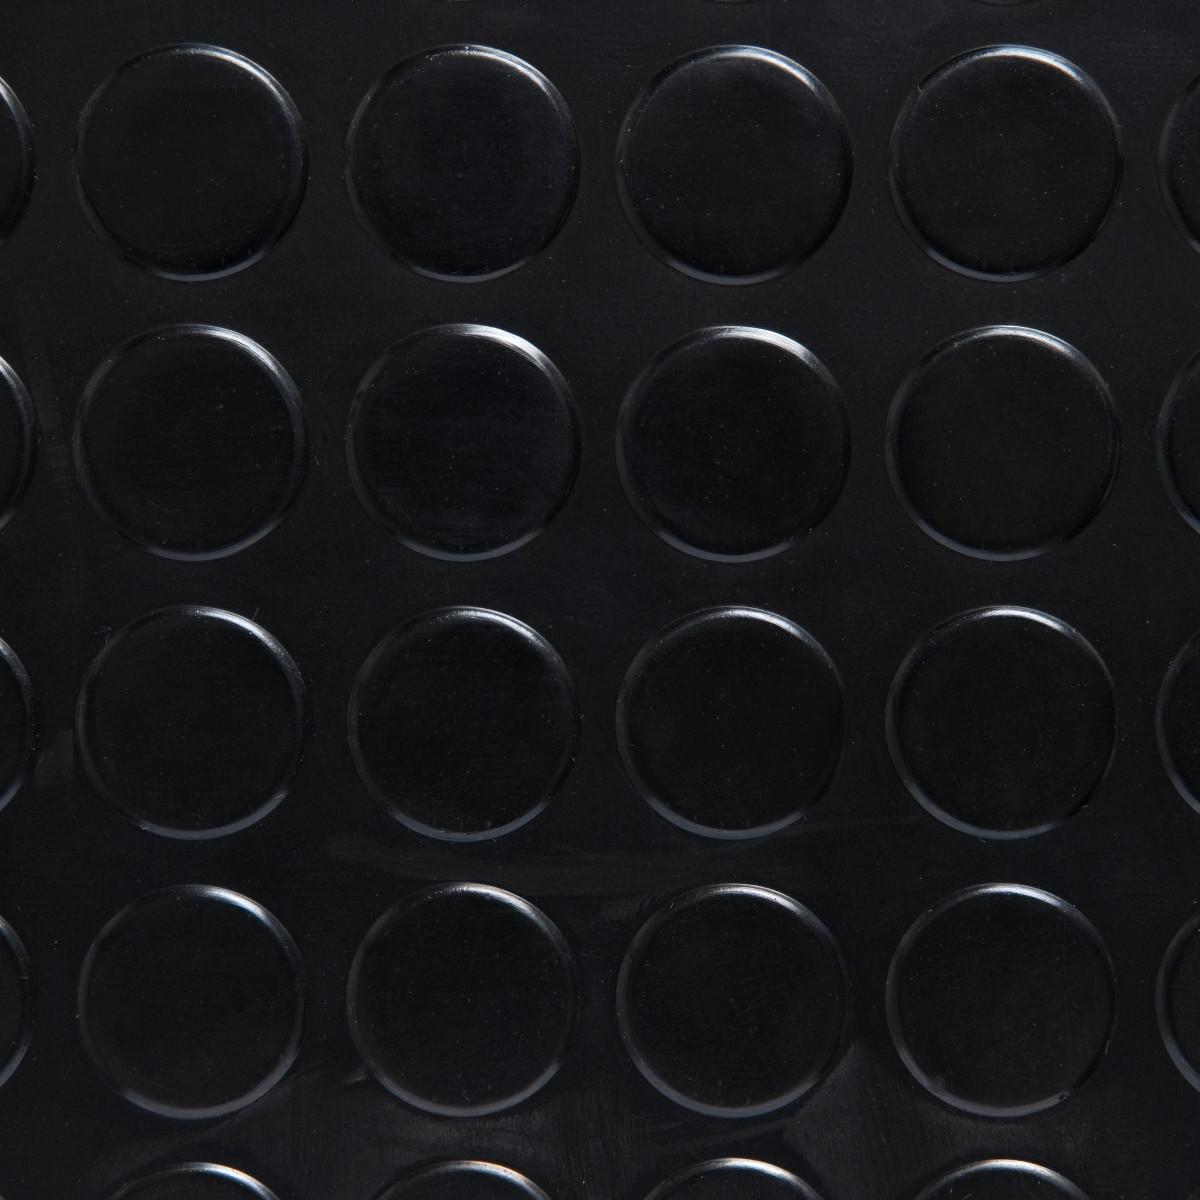 17de6011874 Pavimento caucho círculos. Suelo de goma de 3 mm de espesor en rollos